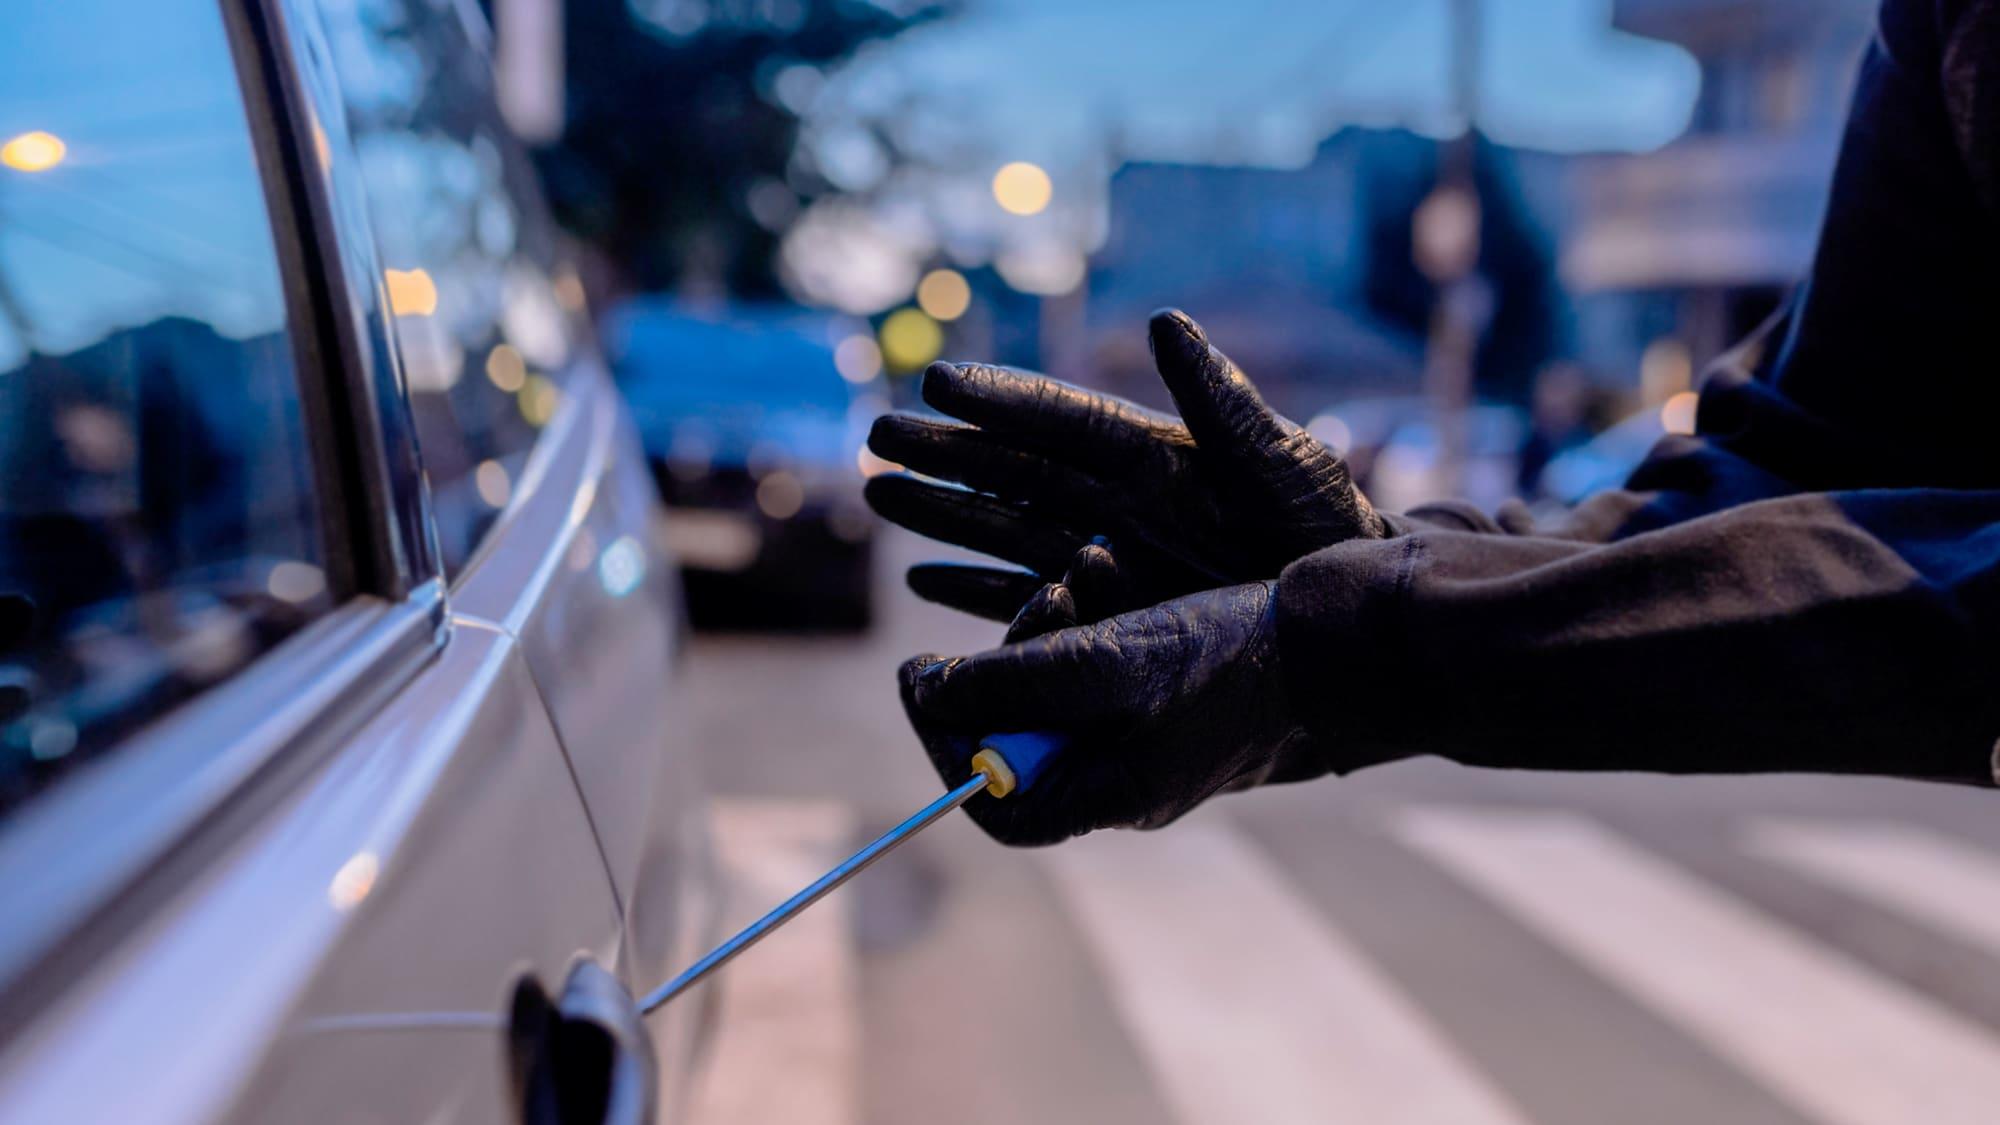 Einbrecher knackt Autotür